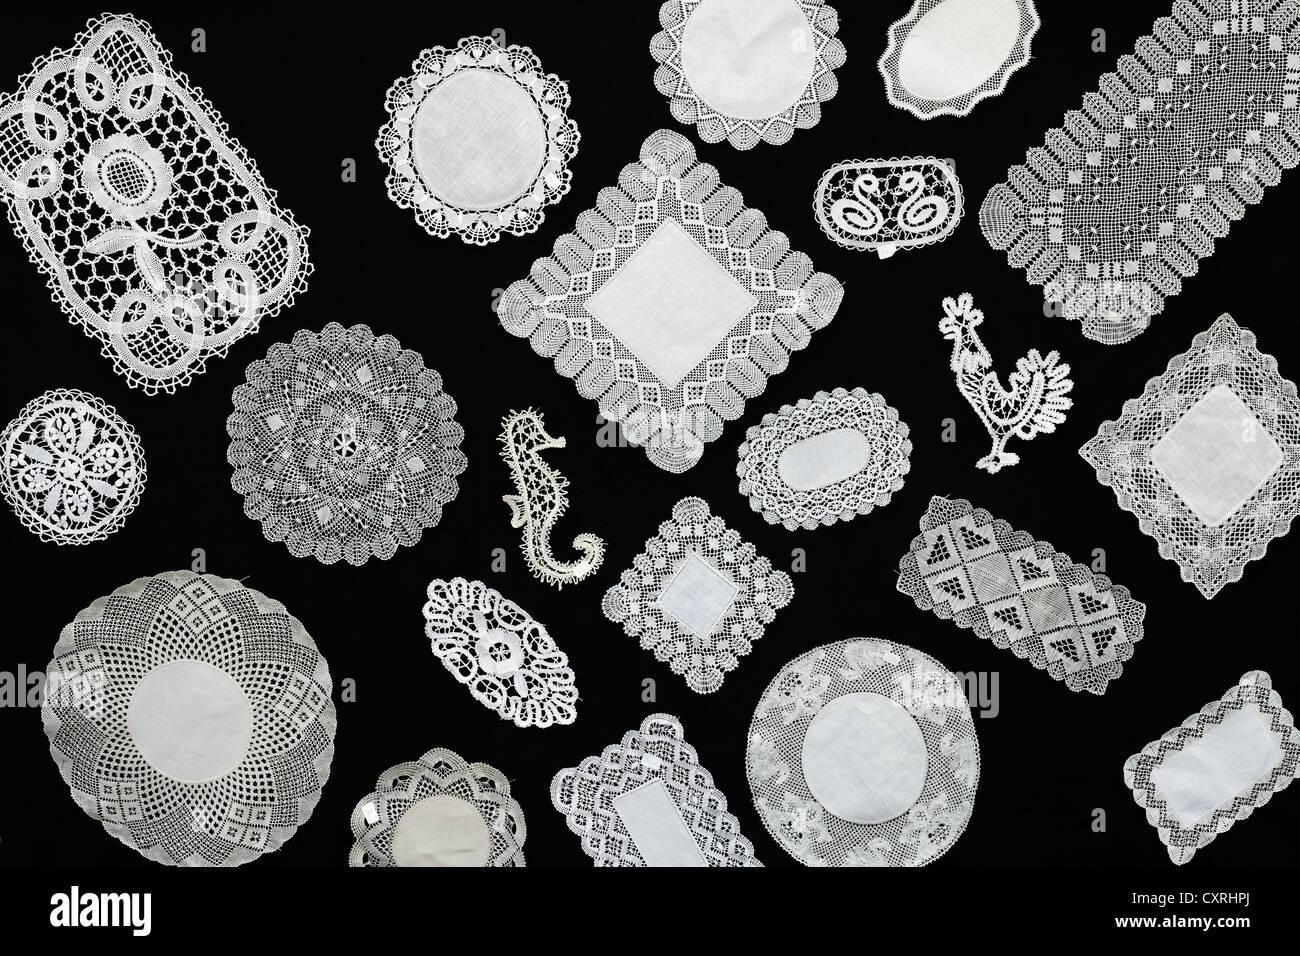 Panel con puntilla doilys, distintas formas y patrones Imagen De Stock